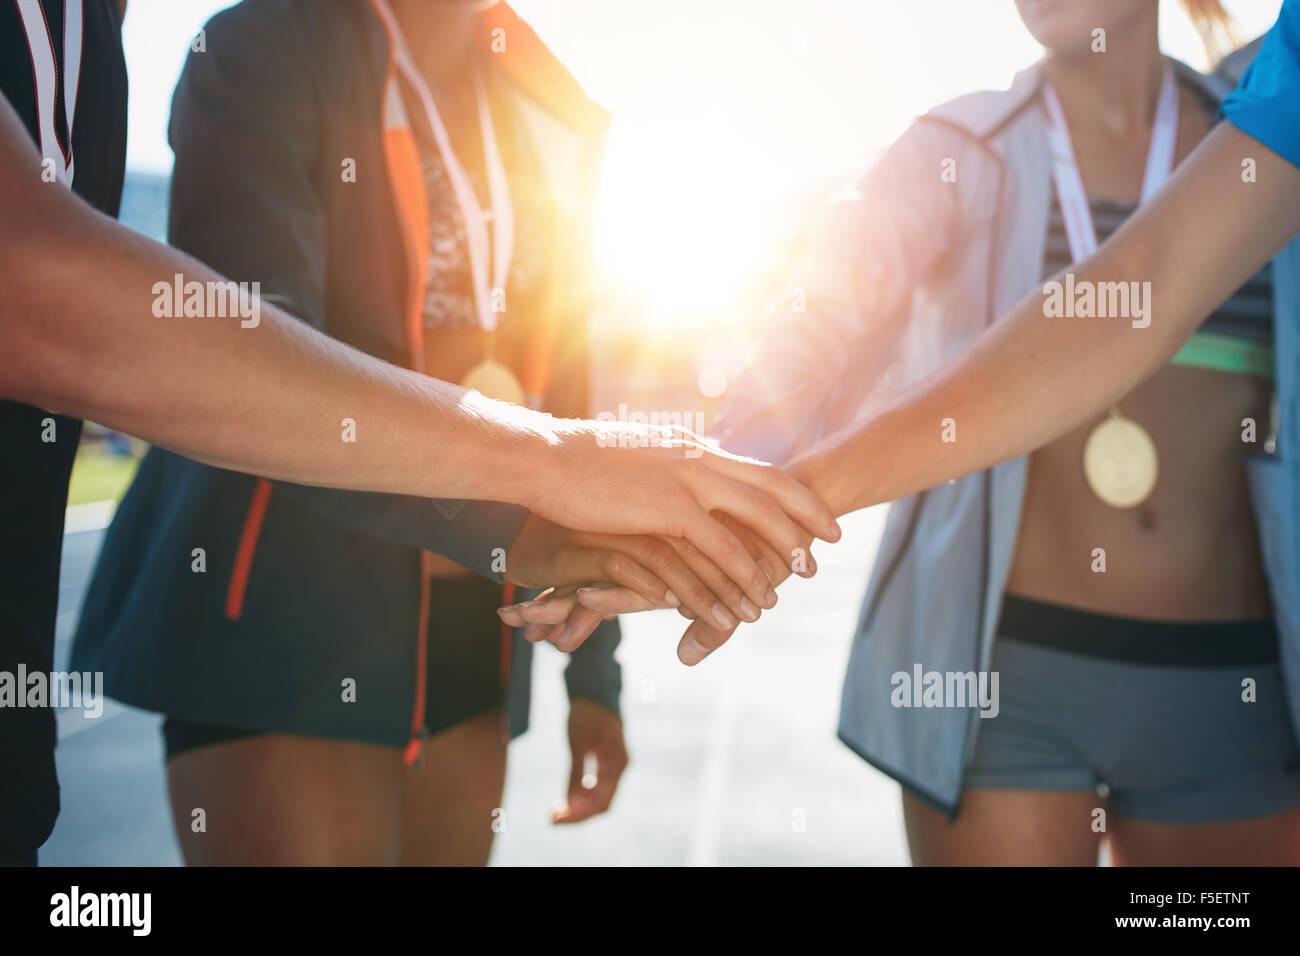 Los deportistas con las manos juntas en grupito. Equipo con manos juntas celebrando el éxito después de Imagen De Stock